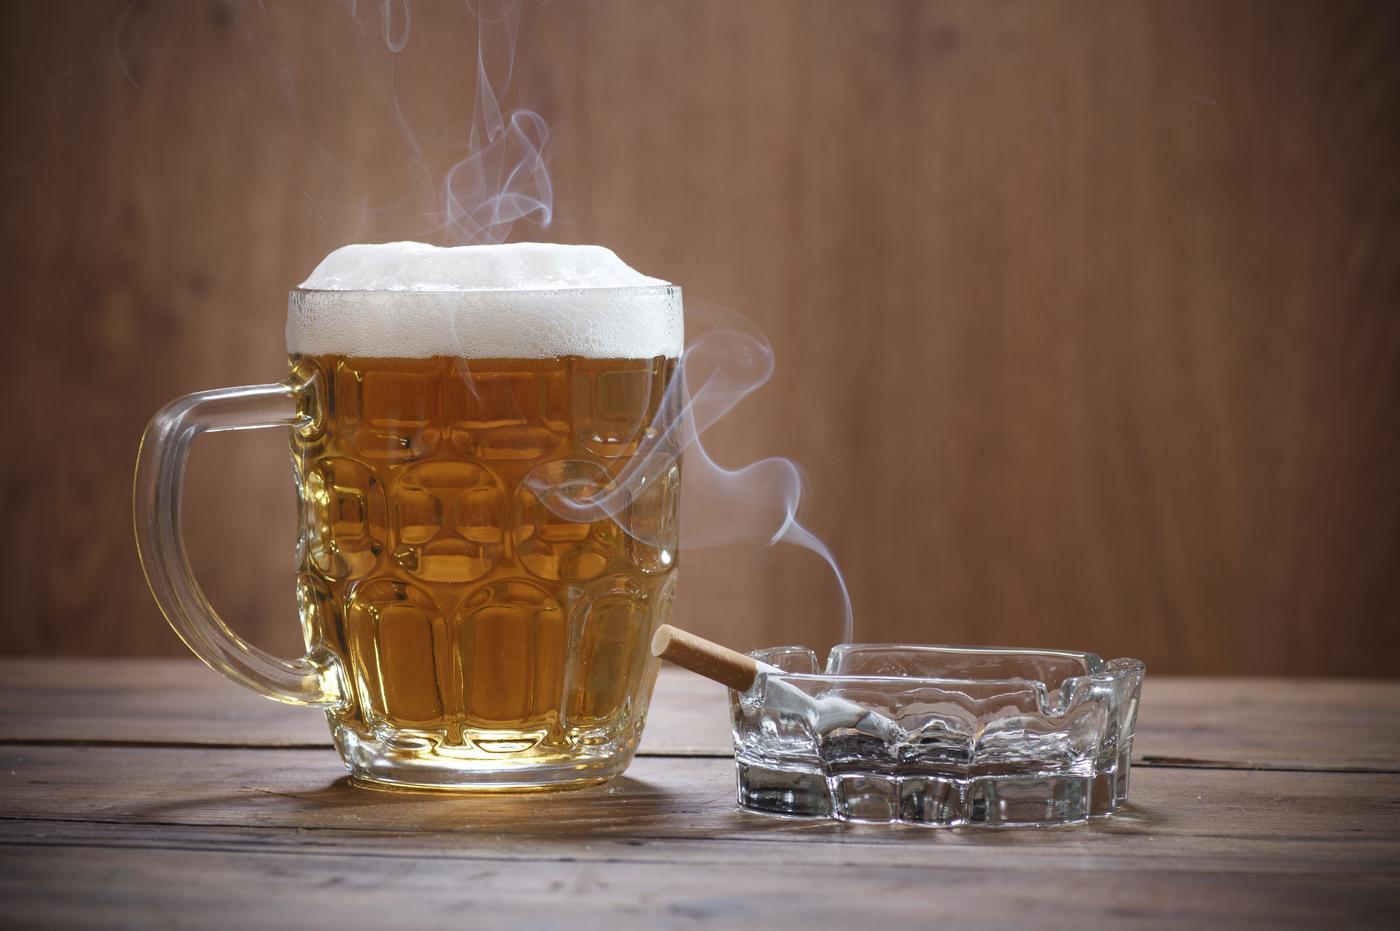 Alcol e fumo, due dei maggiori fattori di rischio per l'ipertensione